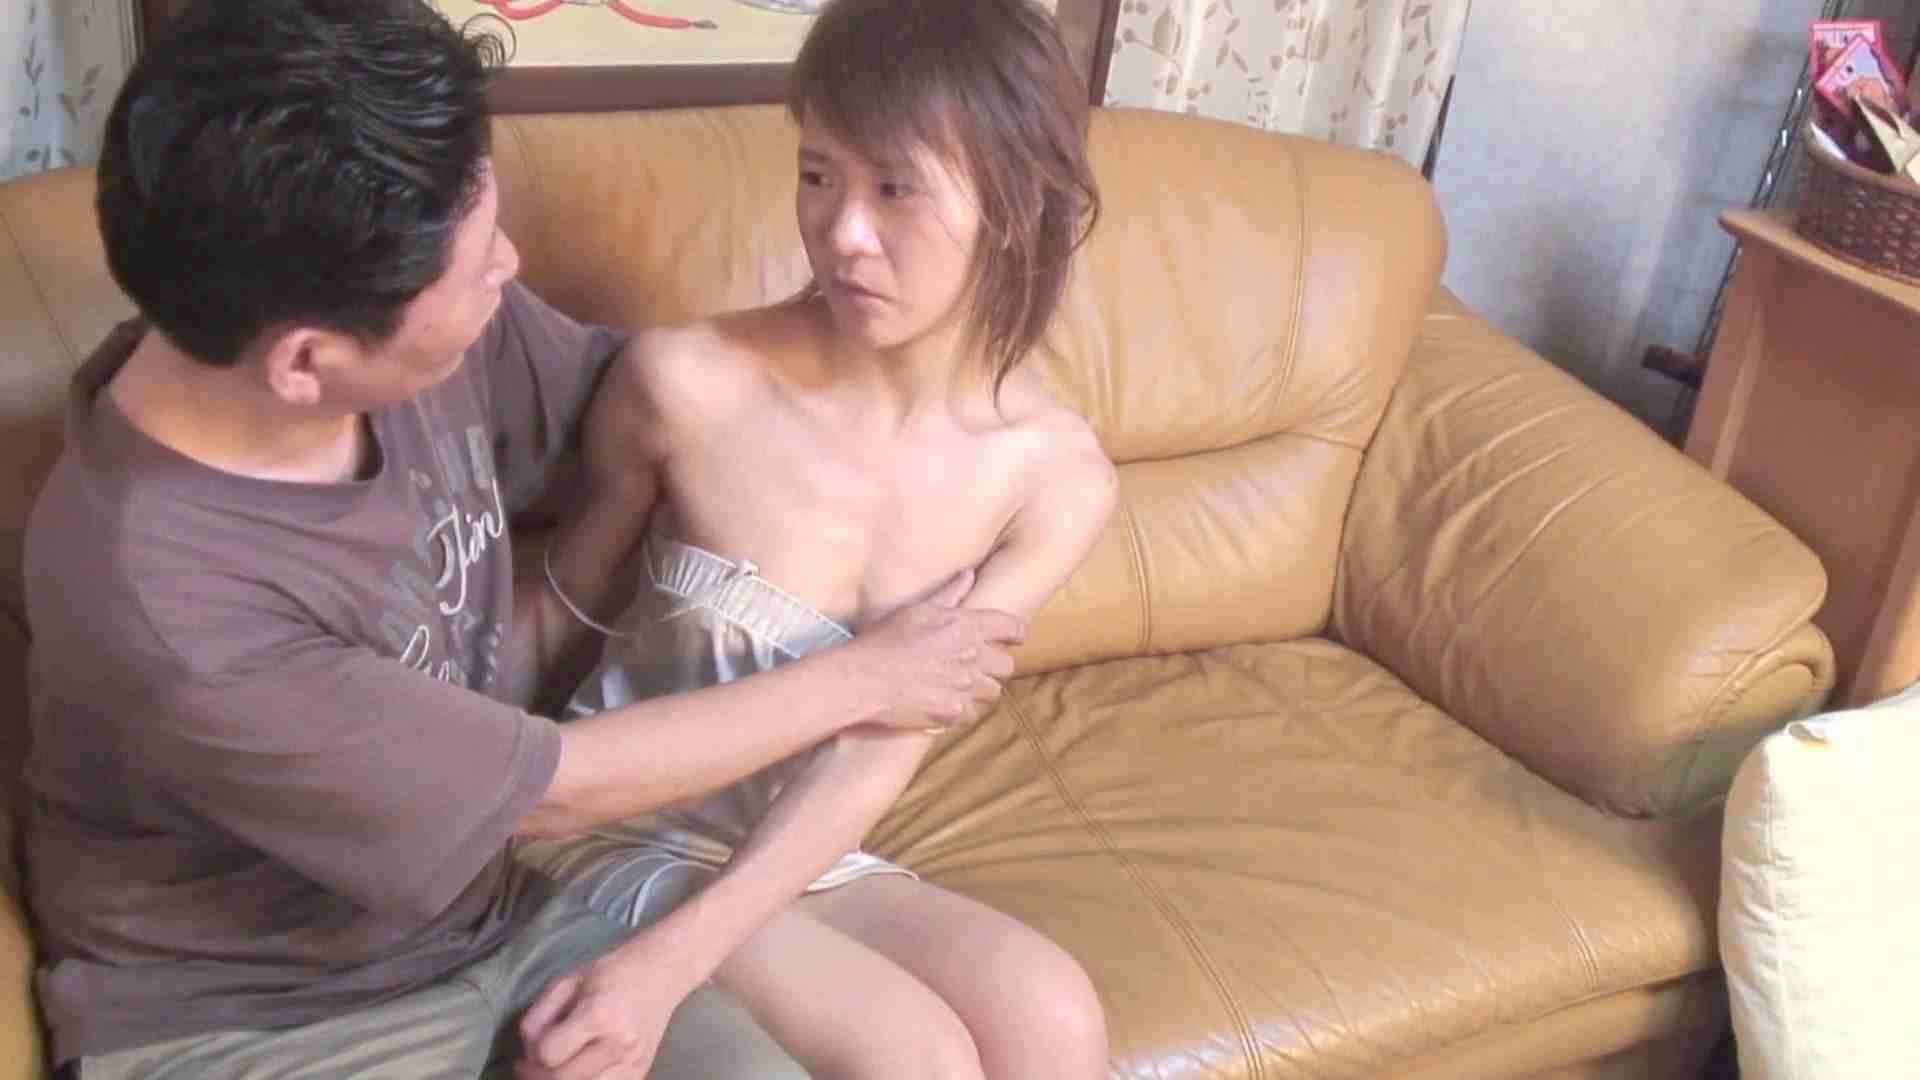 鬼才沖本監督作品 フェラしか出来ない女 アナル  46Pix 22